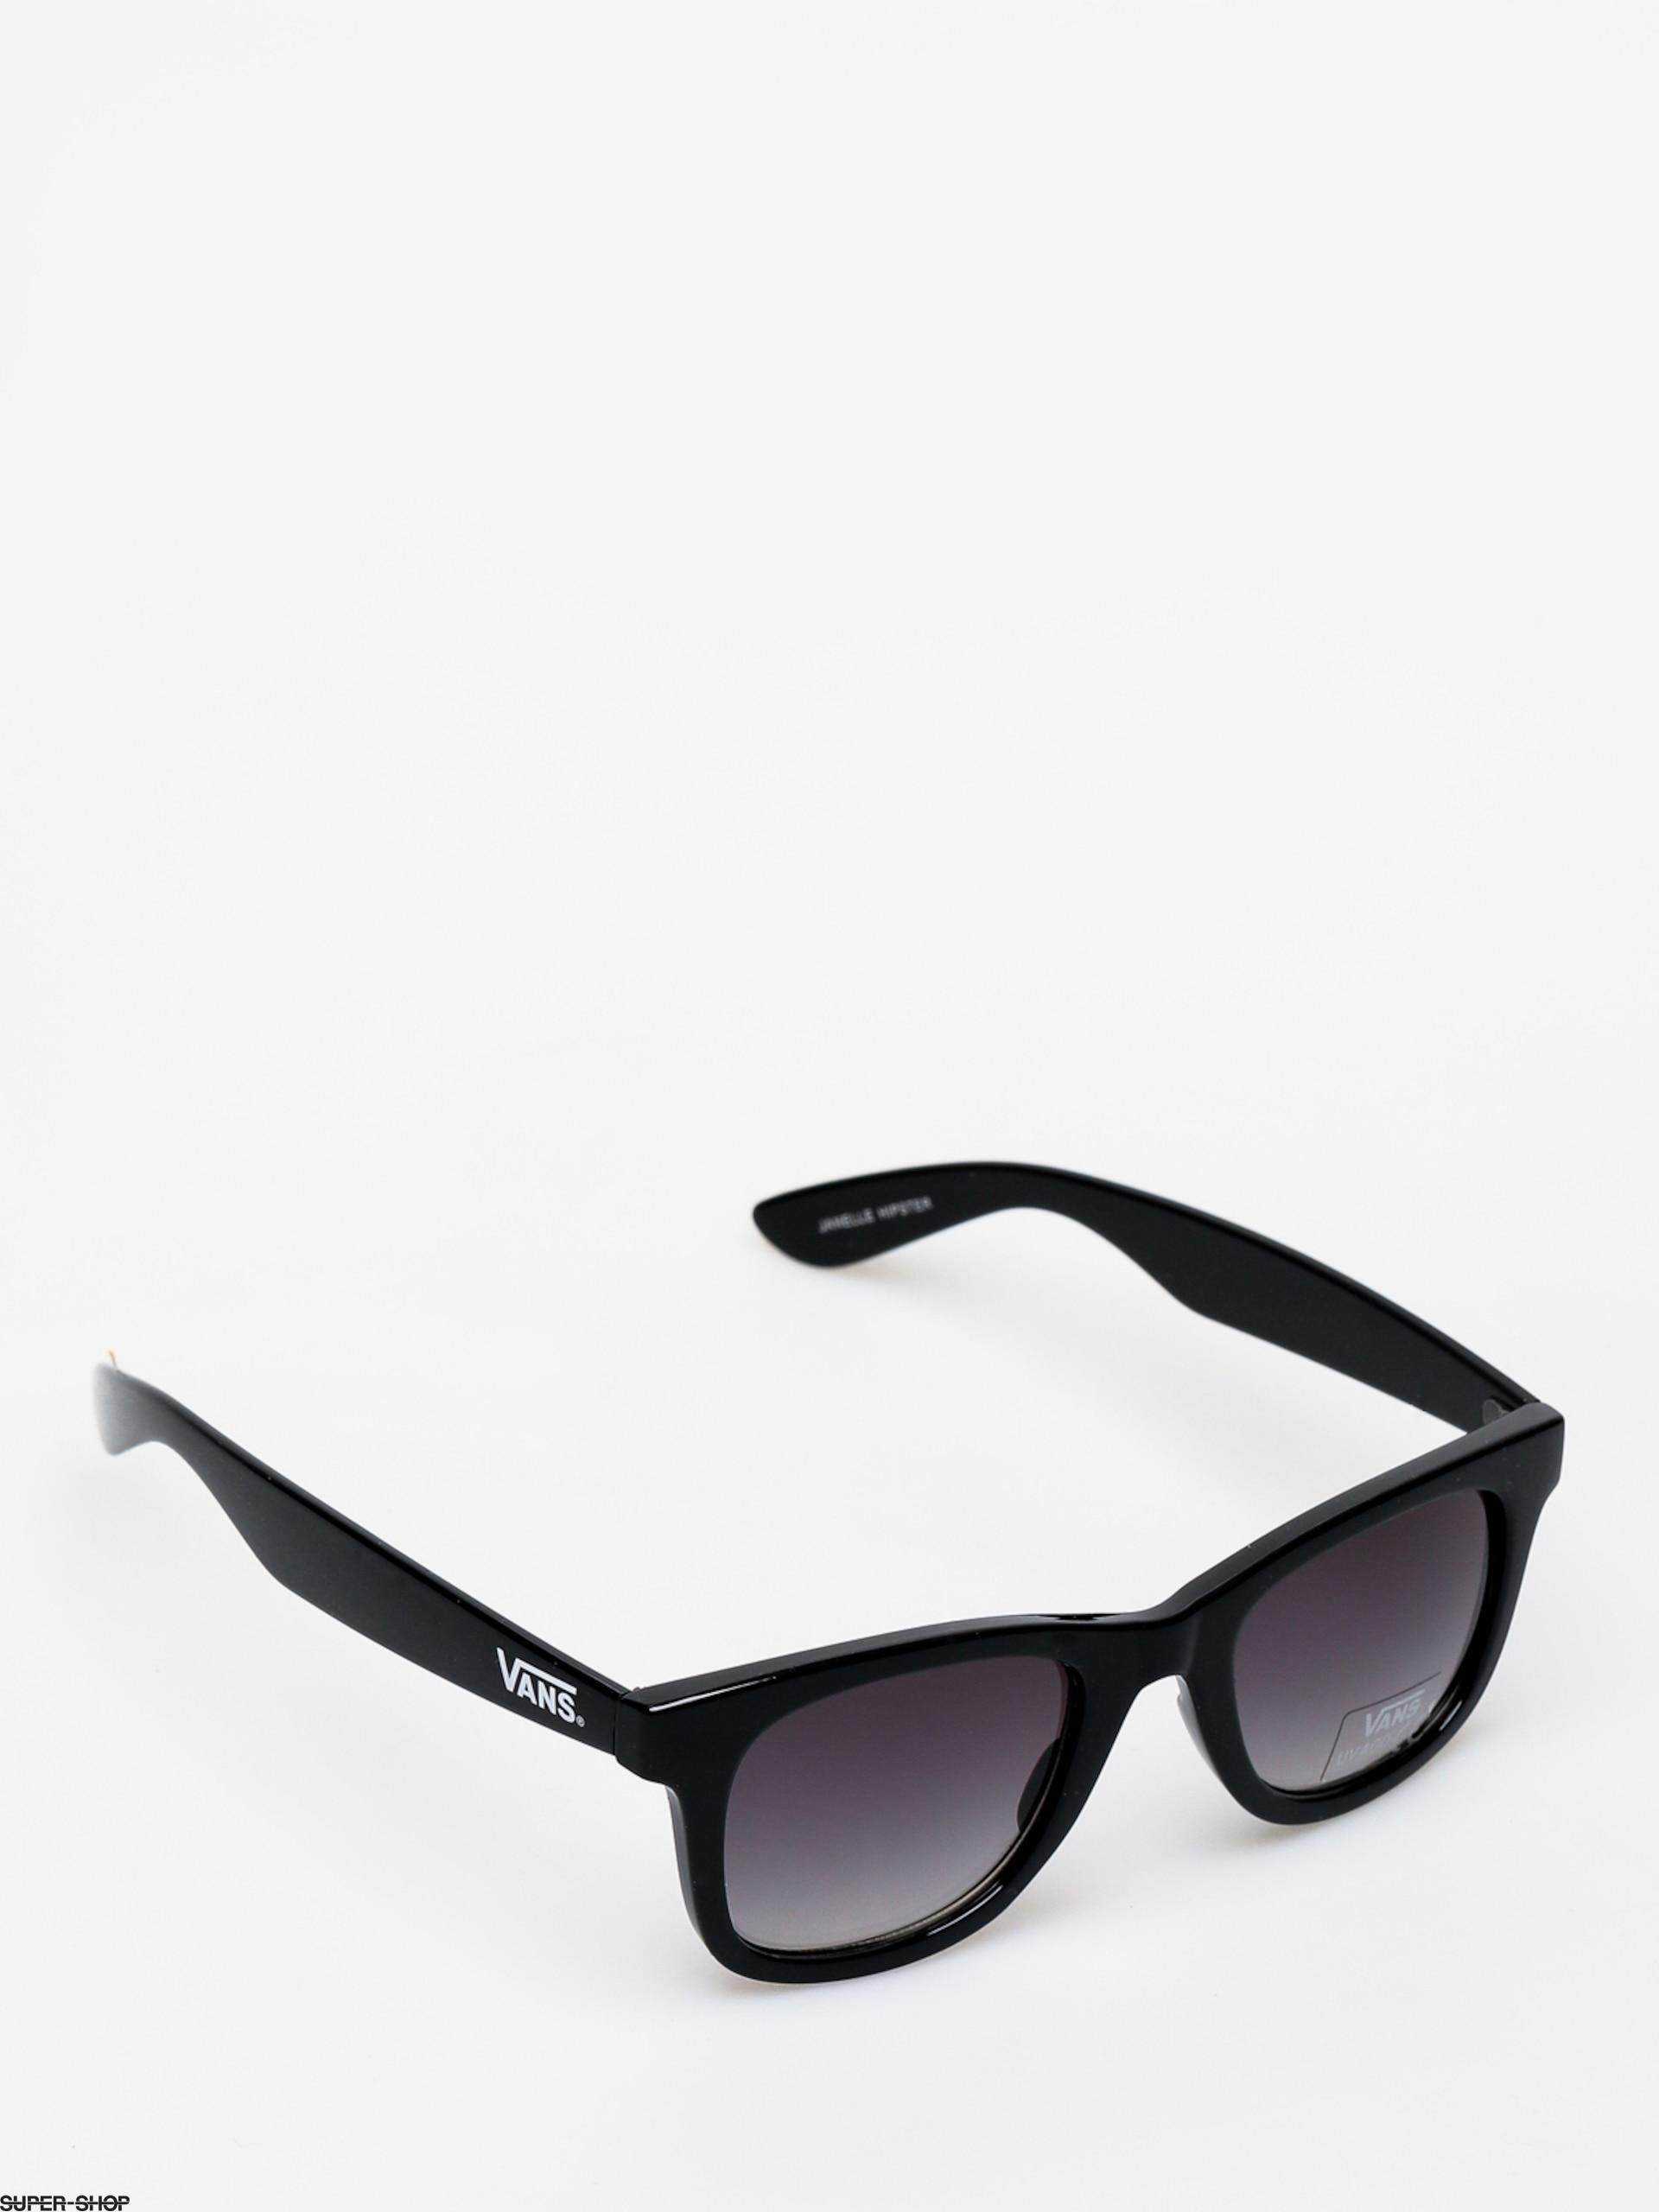 1013422-w1920-vans-janelle-hipster-sunglasses-wmn-black-smoke.jpg 5e6e3e0f880